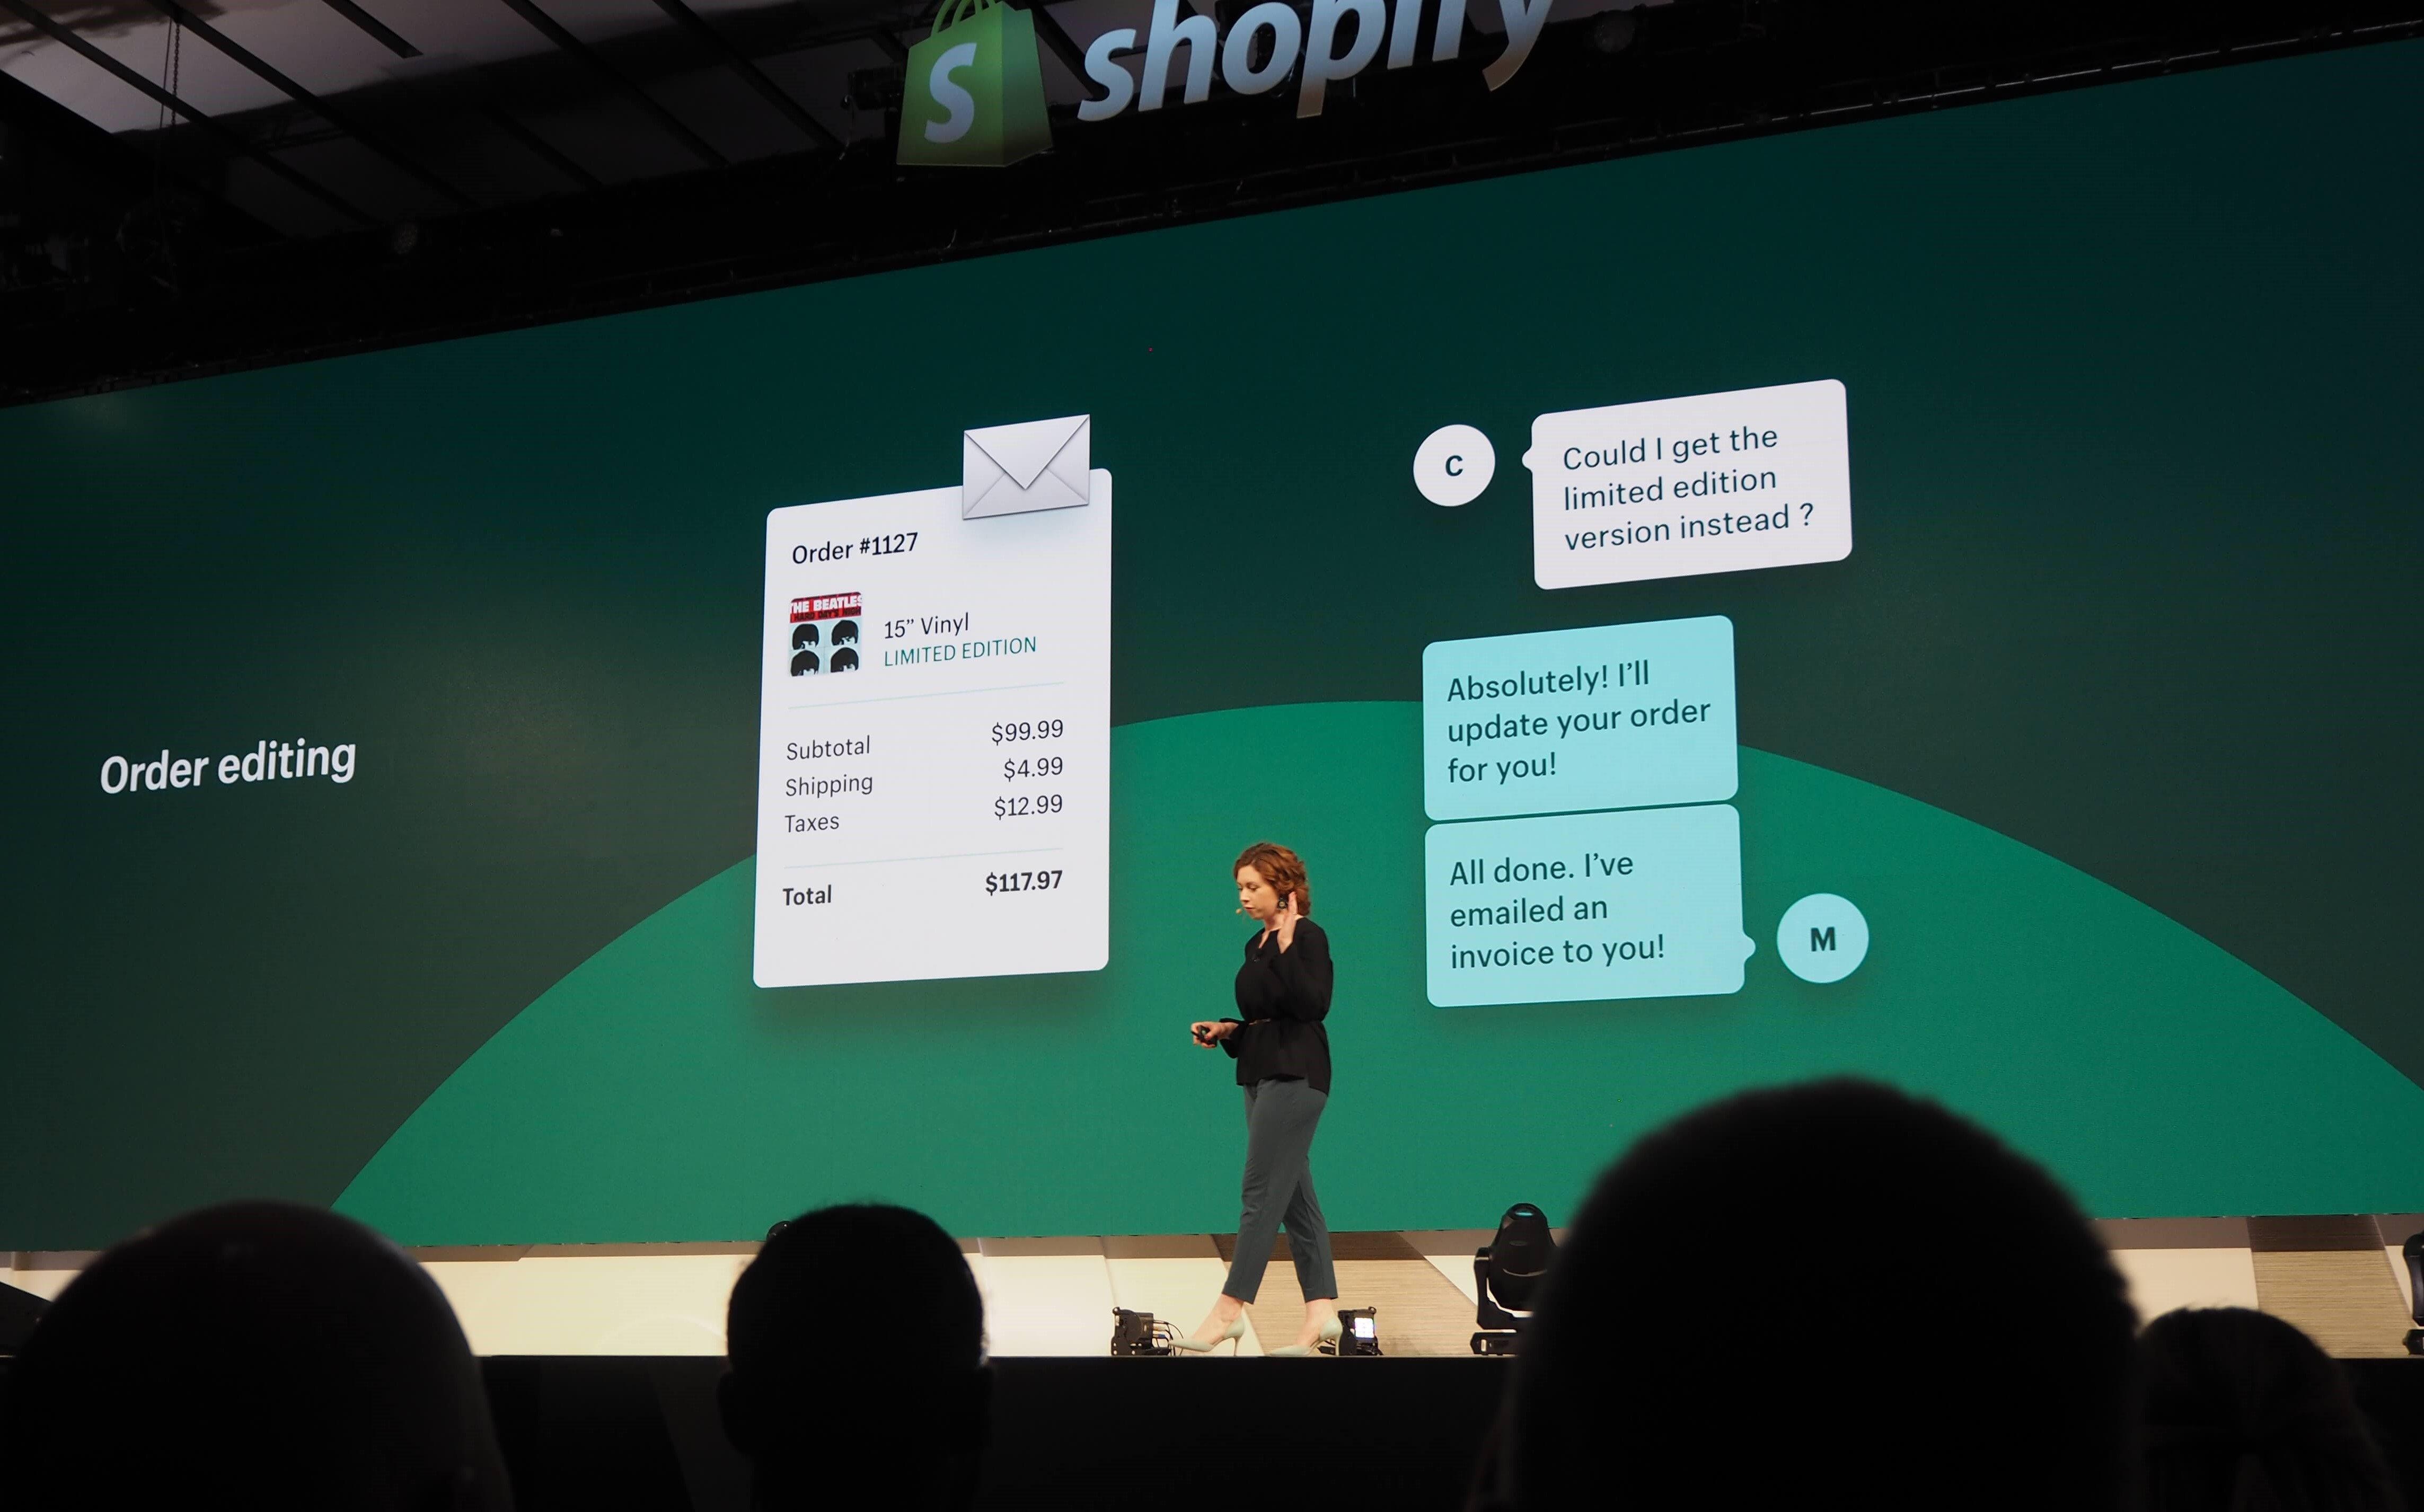 テクノロジーを使ったECバックオフィス業務の効率化にもShopifyは積極的